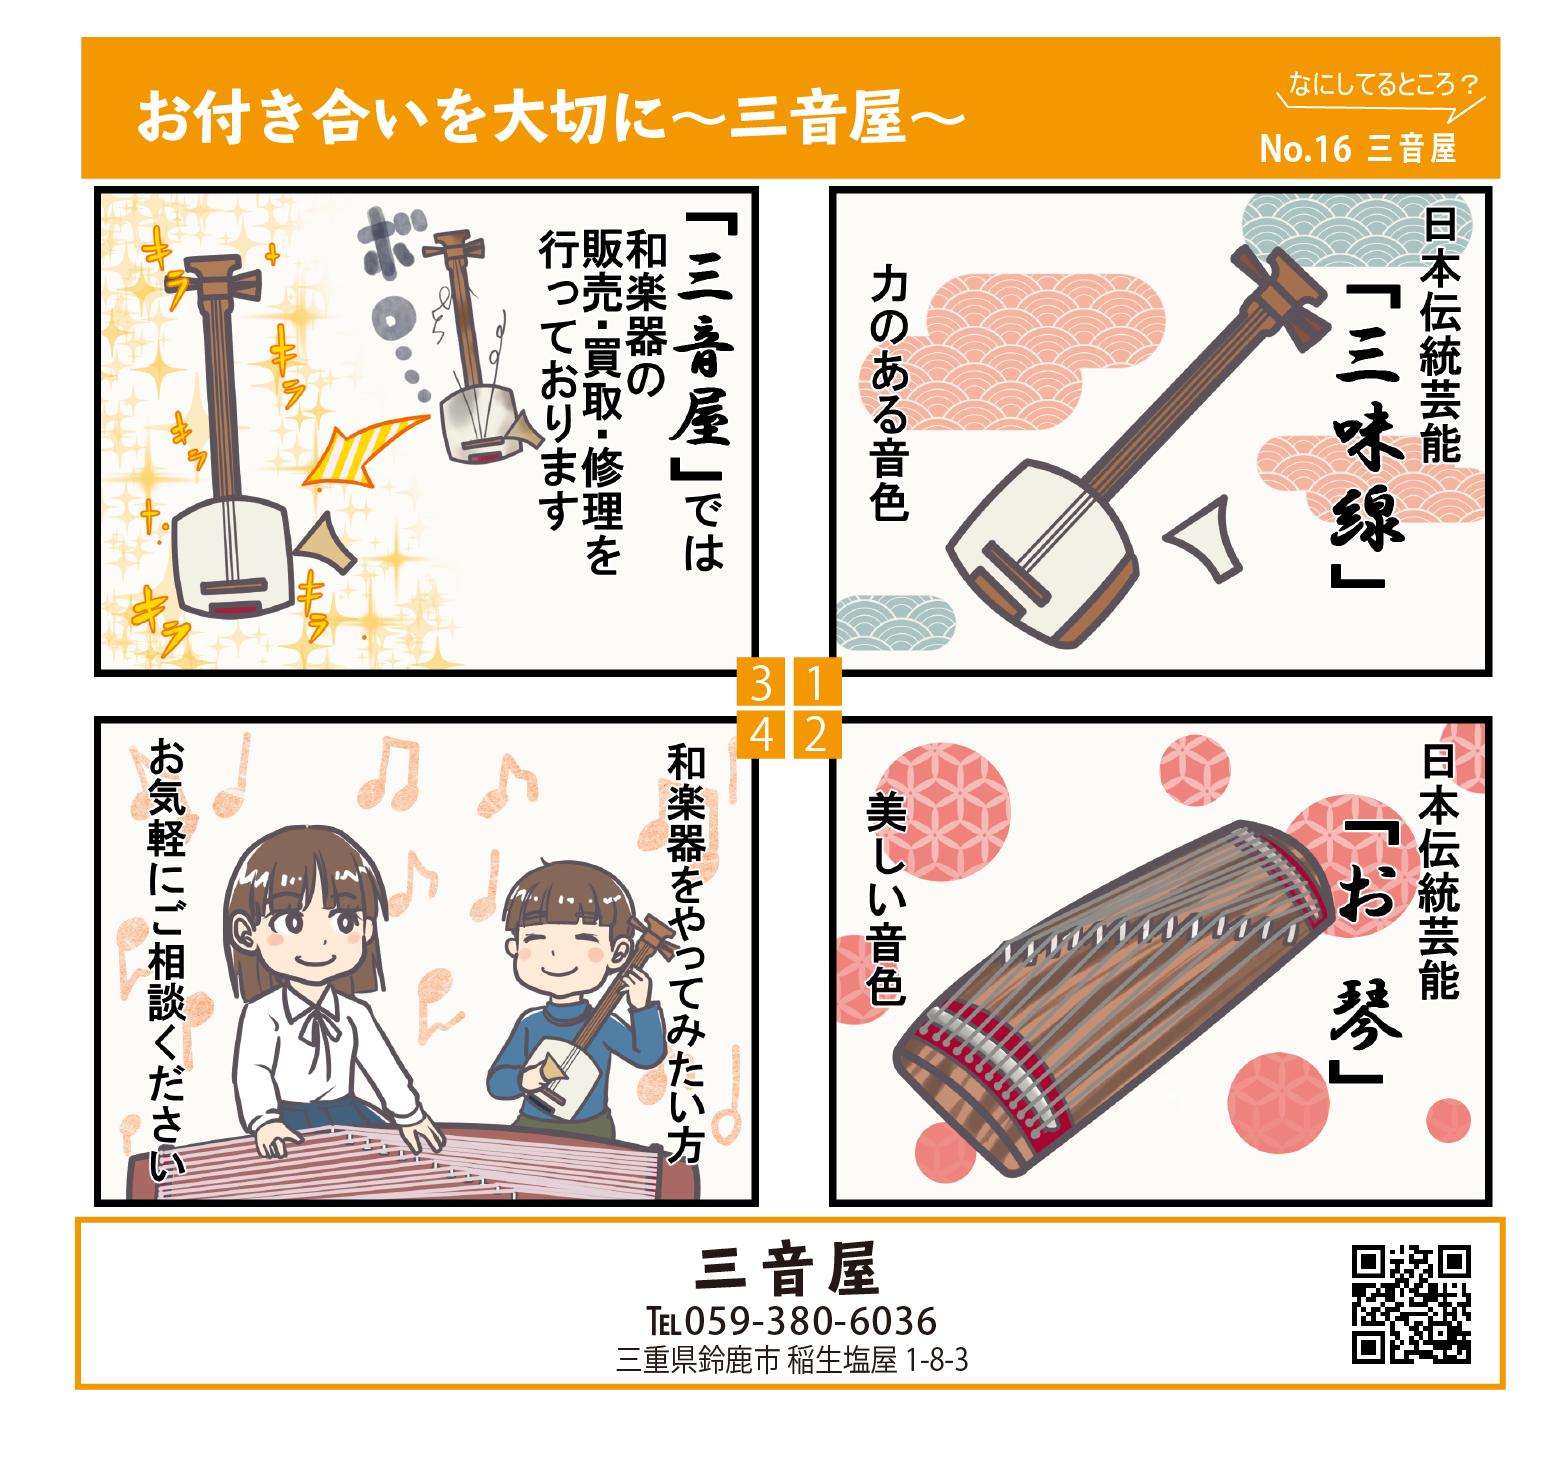 三味線の胴掛け制作&四コマ漫画制作